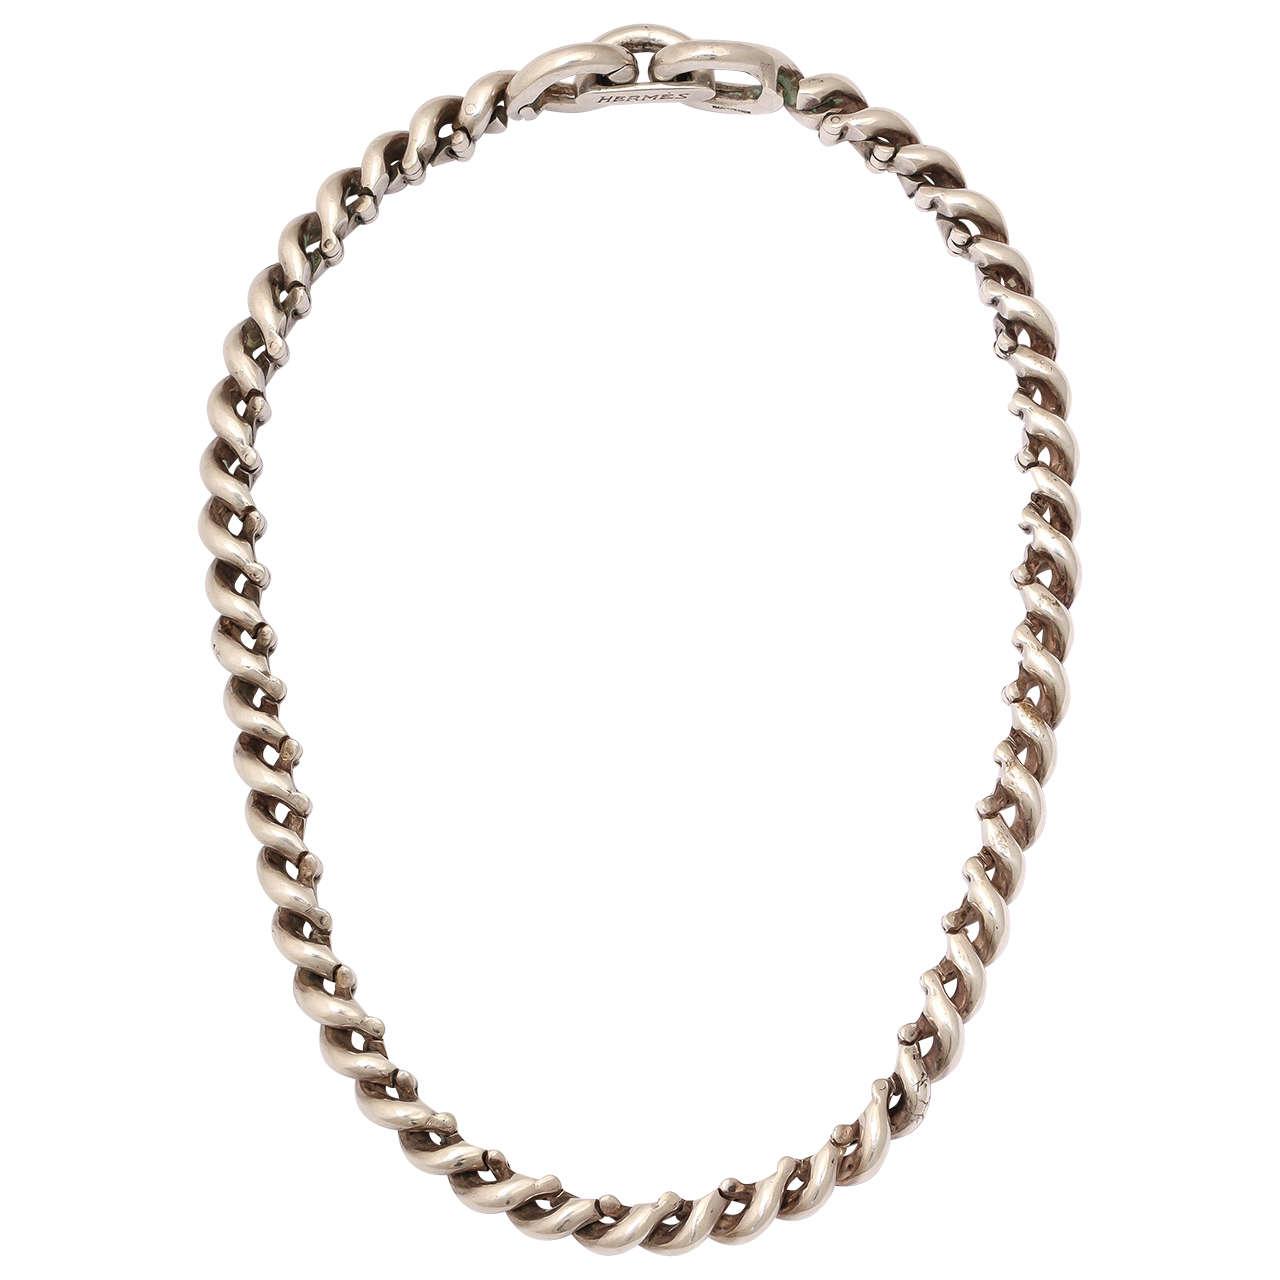 Torsade Necklace: Hermes Torsade Silver Necklace At 1stdibs